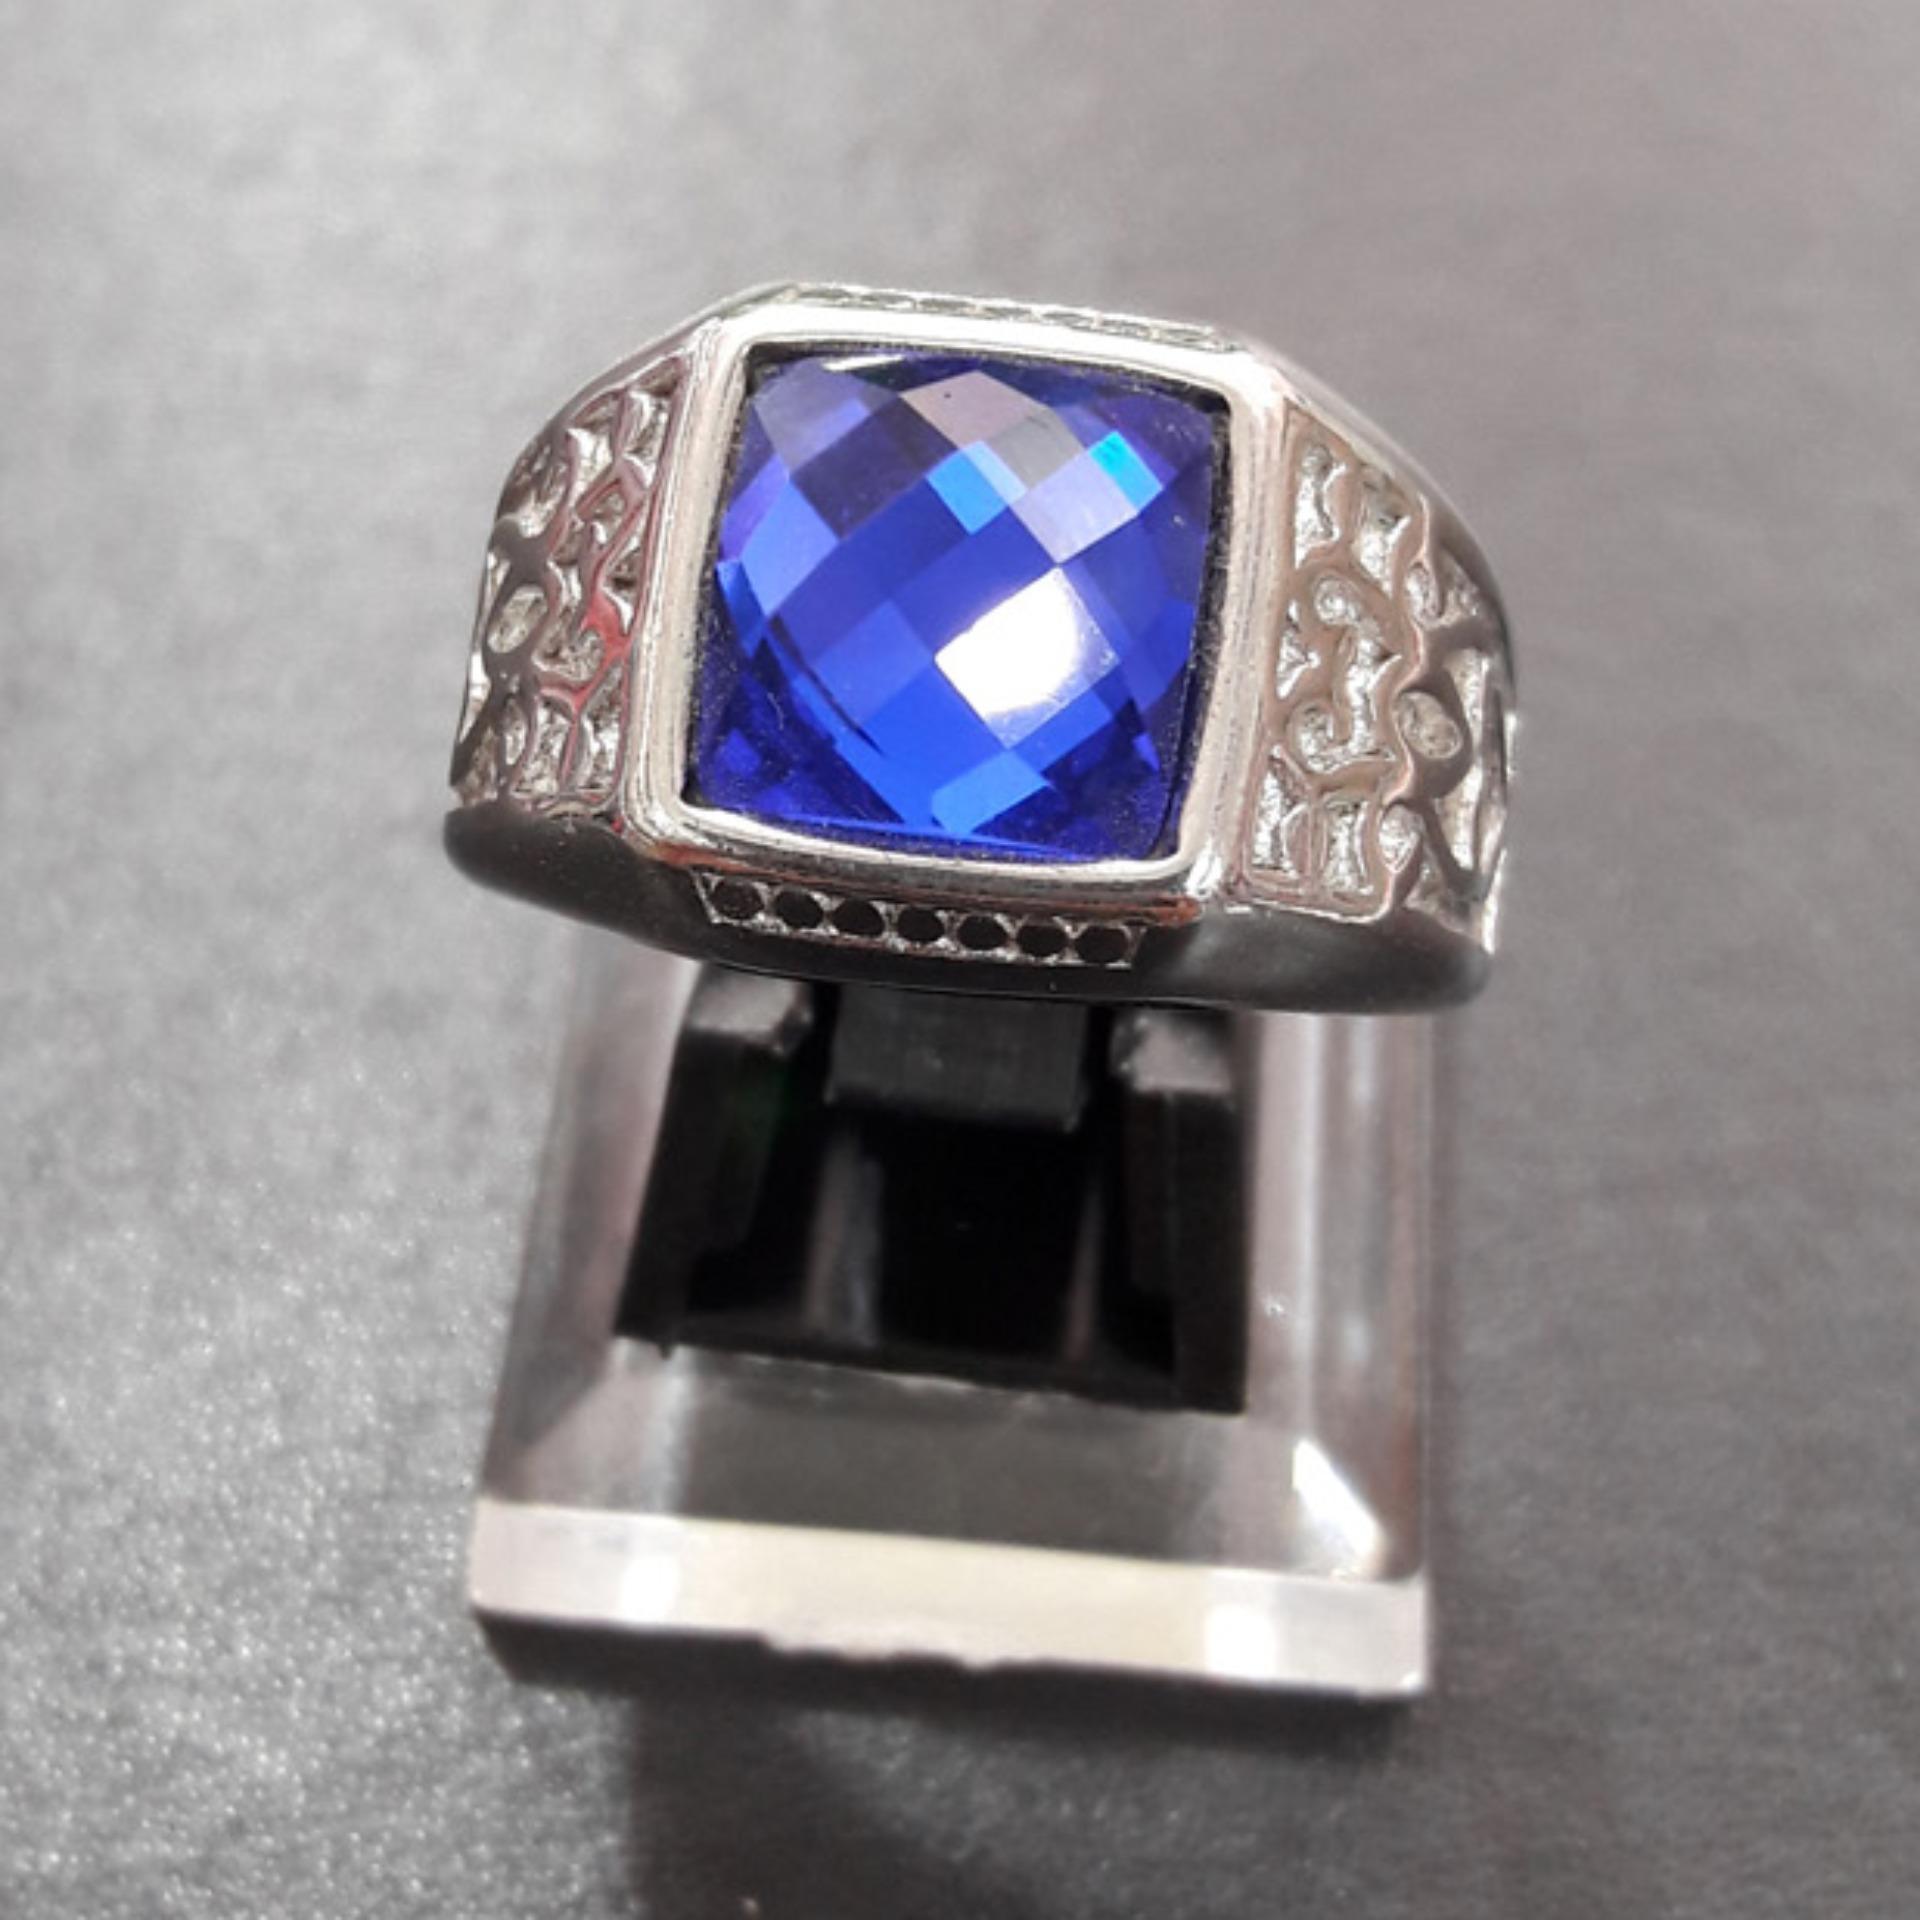 Handmade Nandhut Cincin Batu Akik Mata Biru